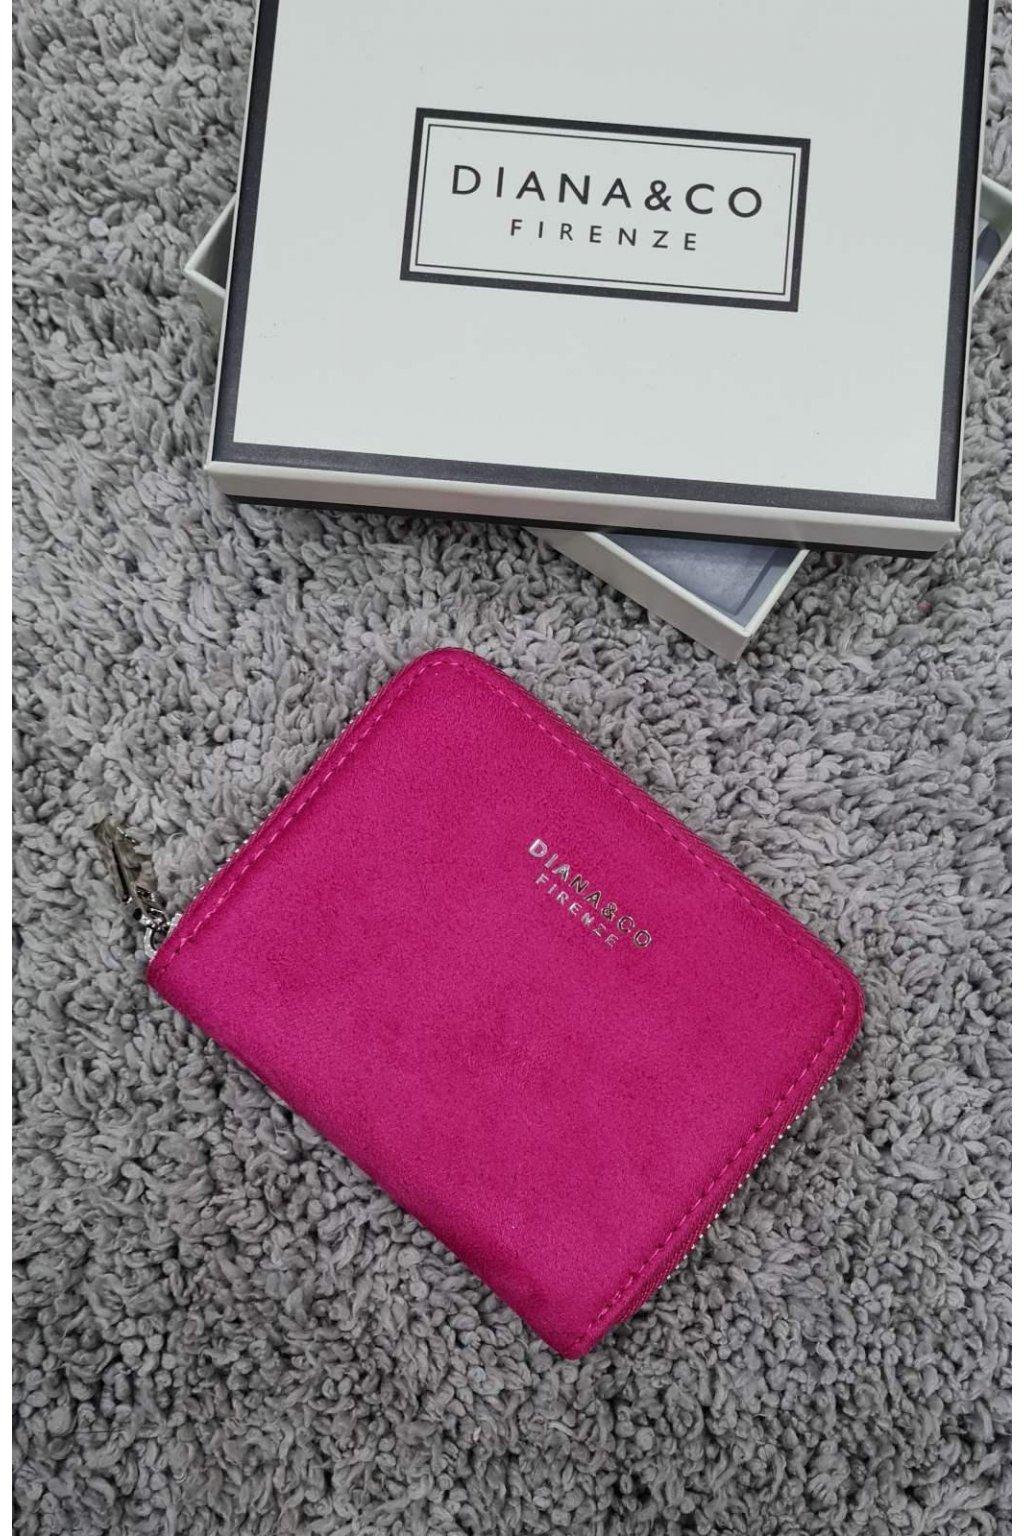 Dámská peněženka Diana&co růžová